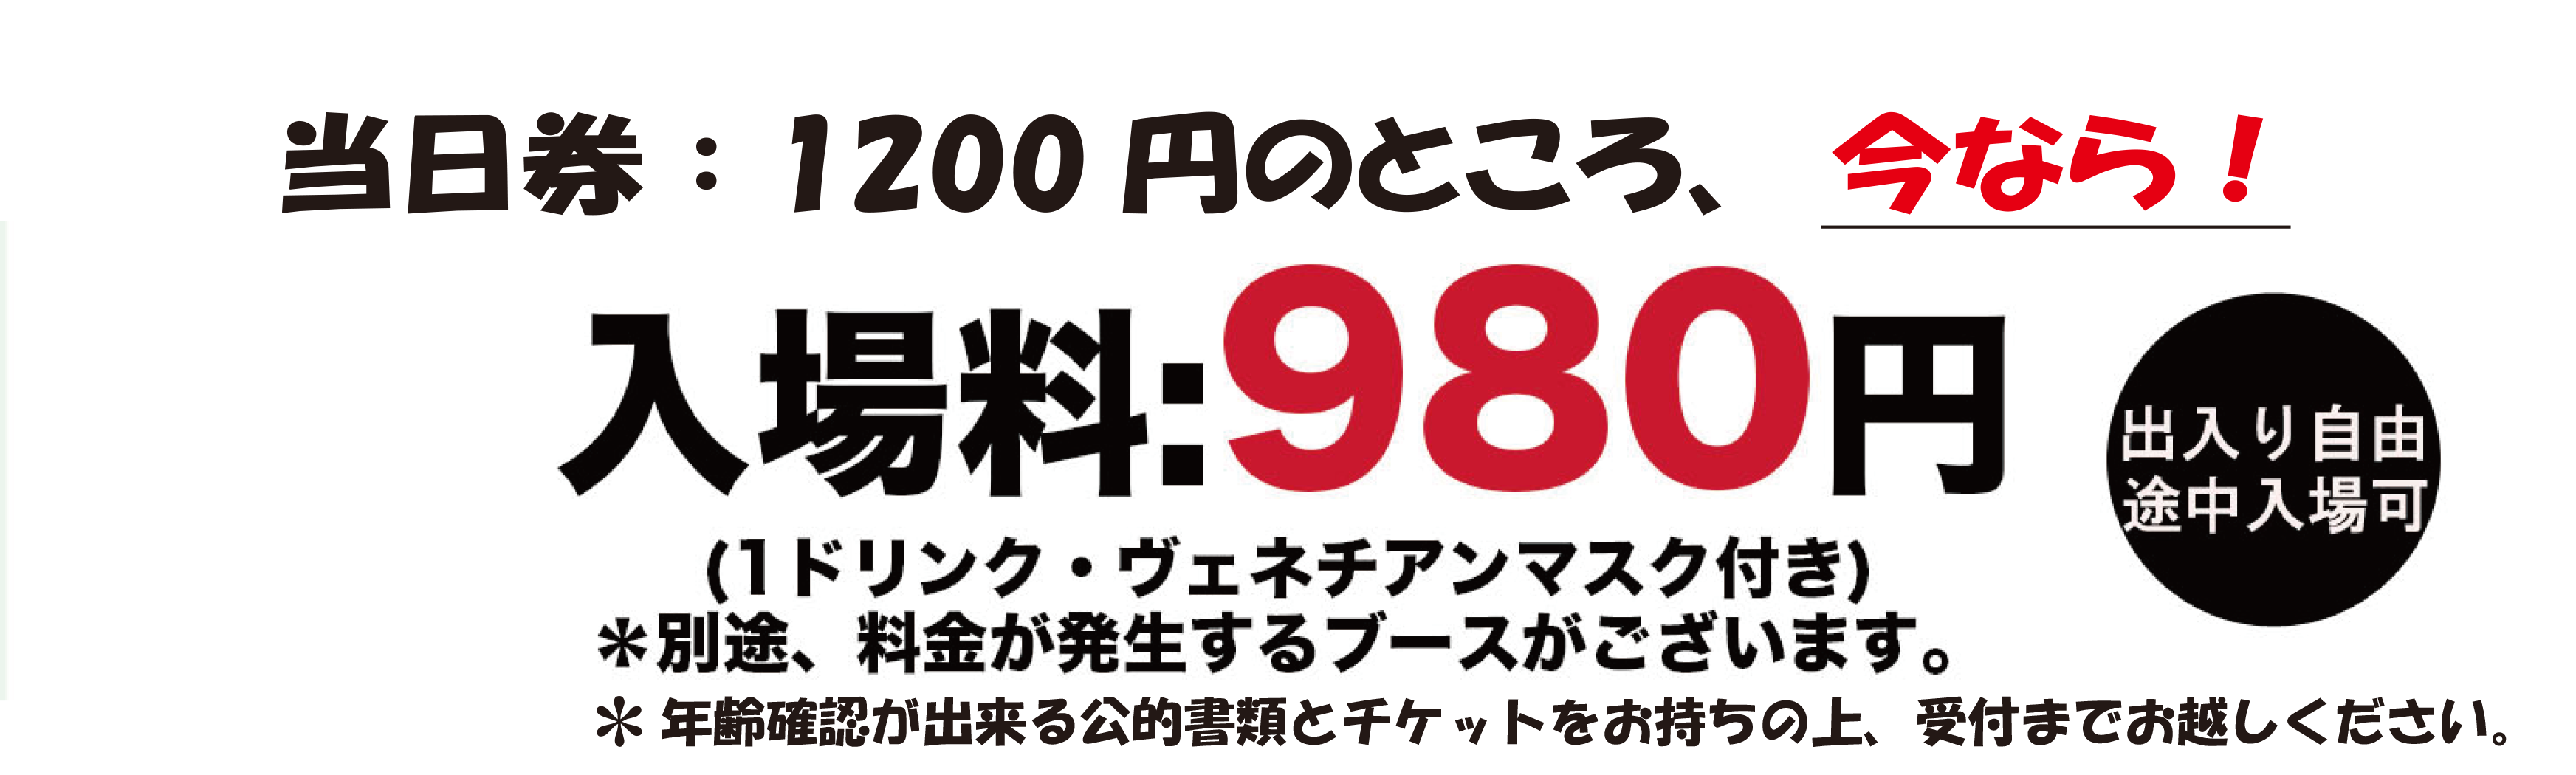 秘密のお店大博覧会03